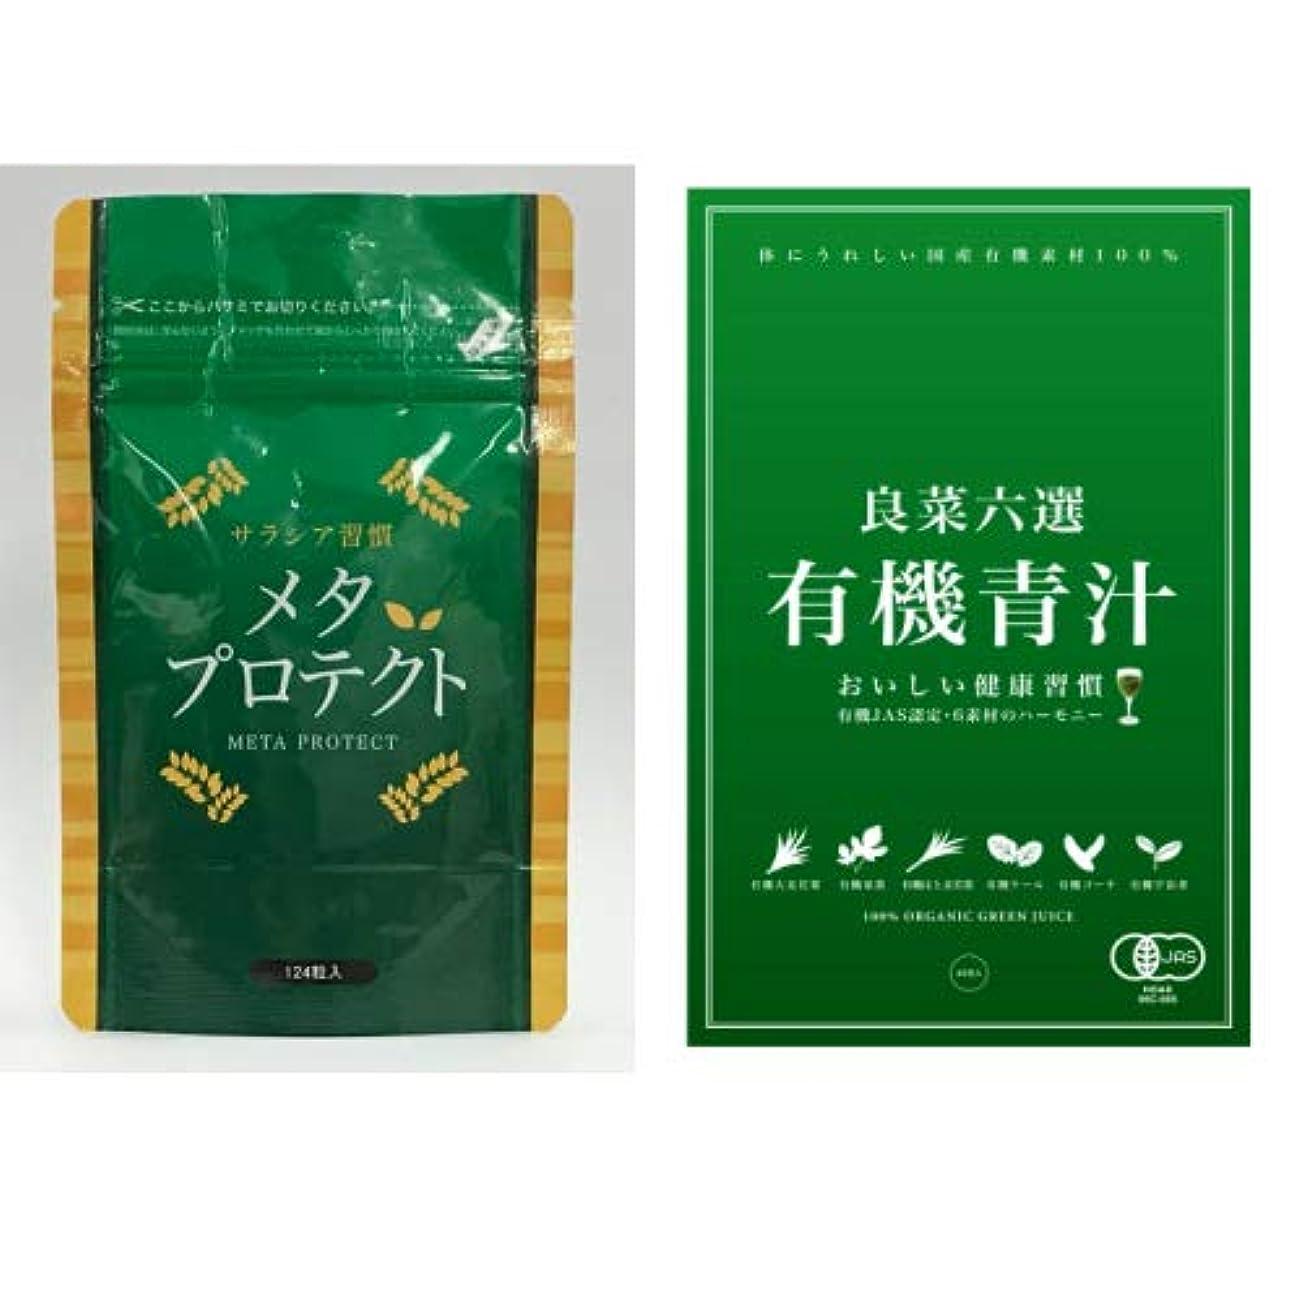 軽減移植梨ダイエット 肥満予防サプリメント(メタ?プロテクト124粒/青汁32包)2点セット